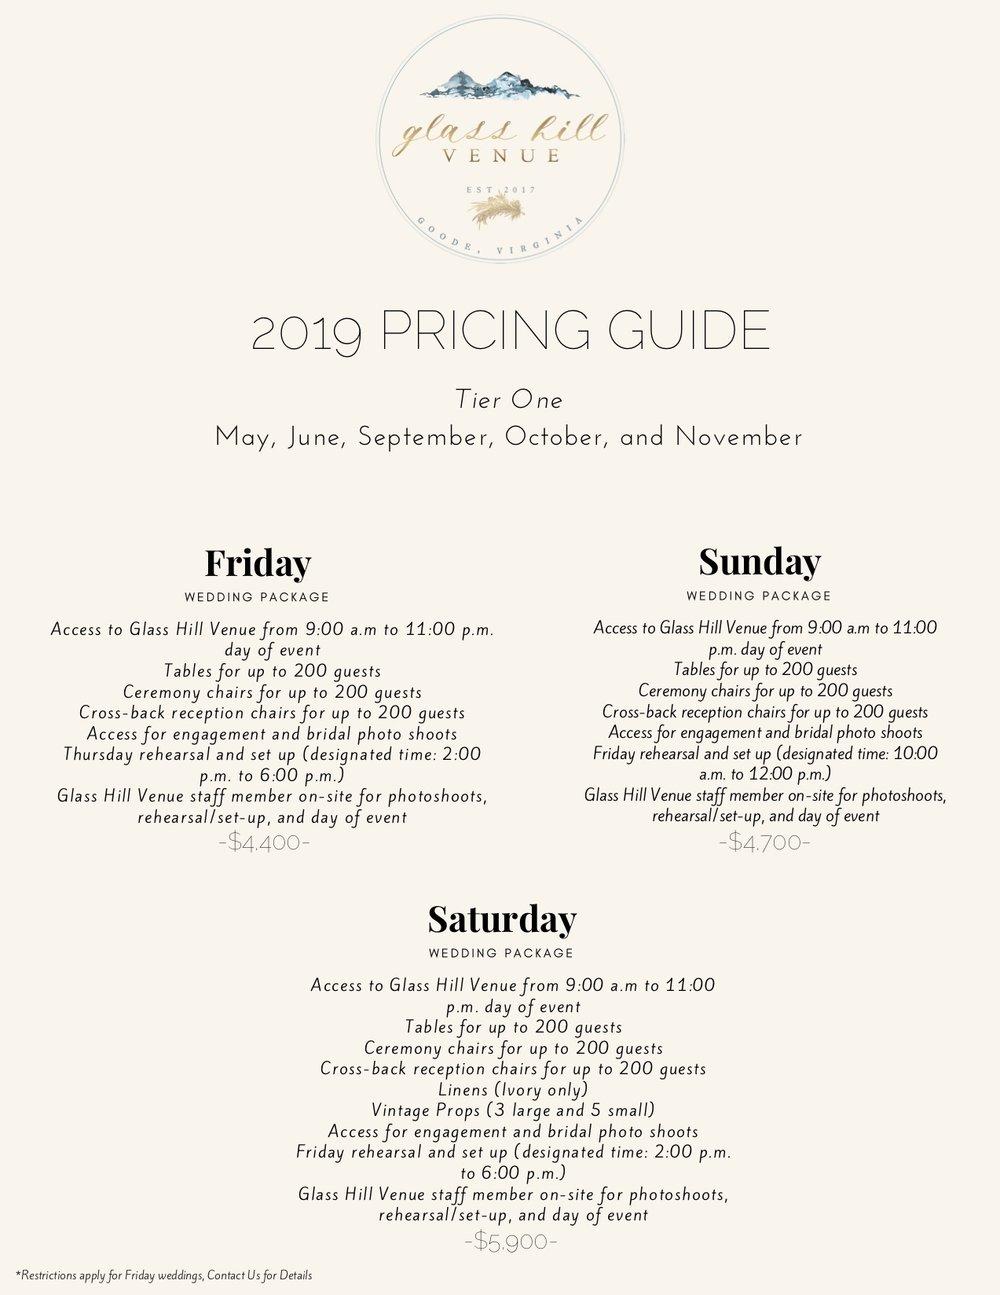 Glass Hill Venue 2019 Price Guide.jpg